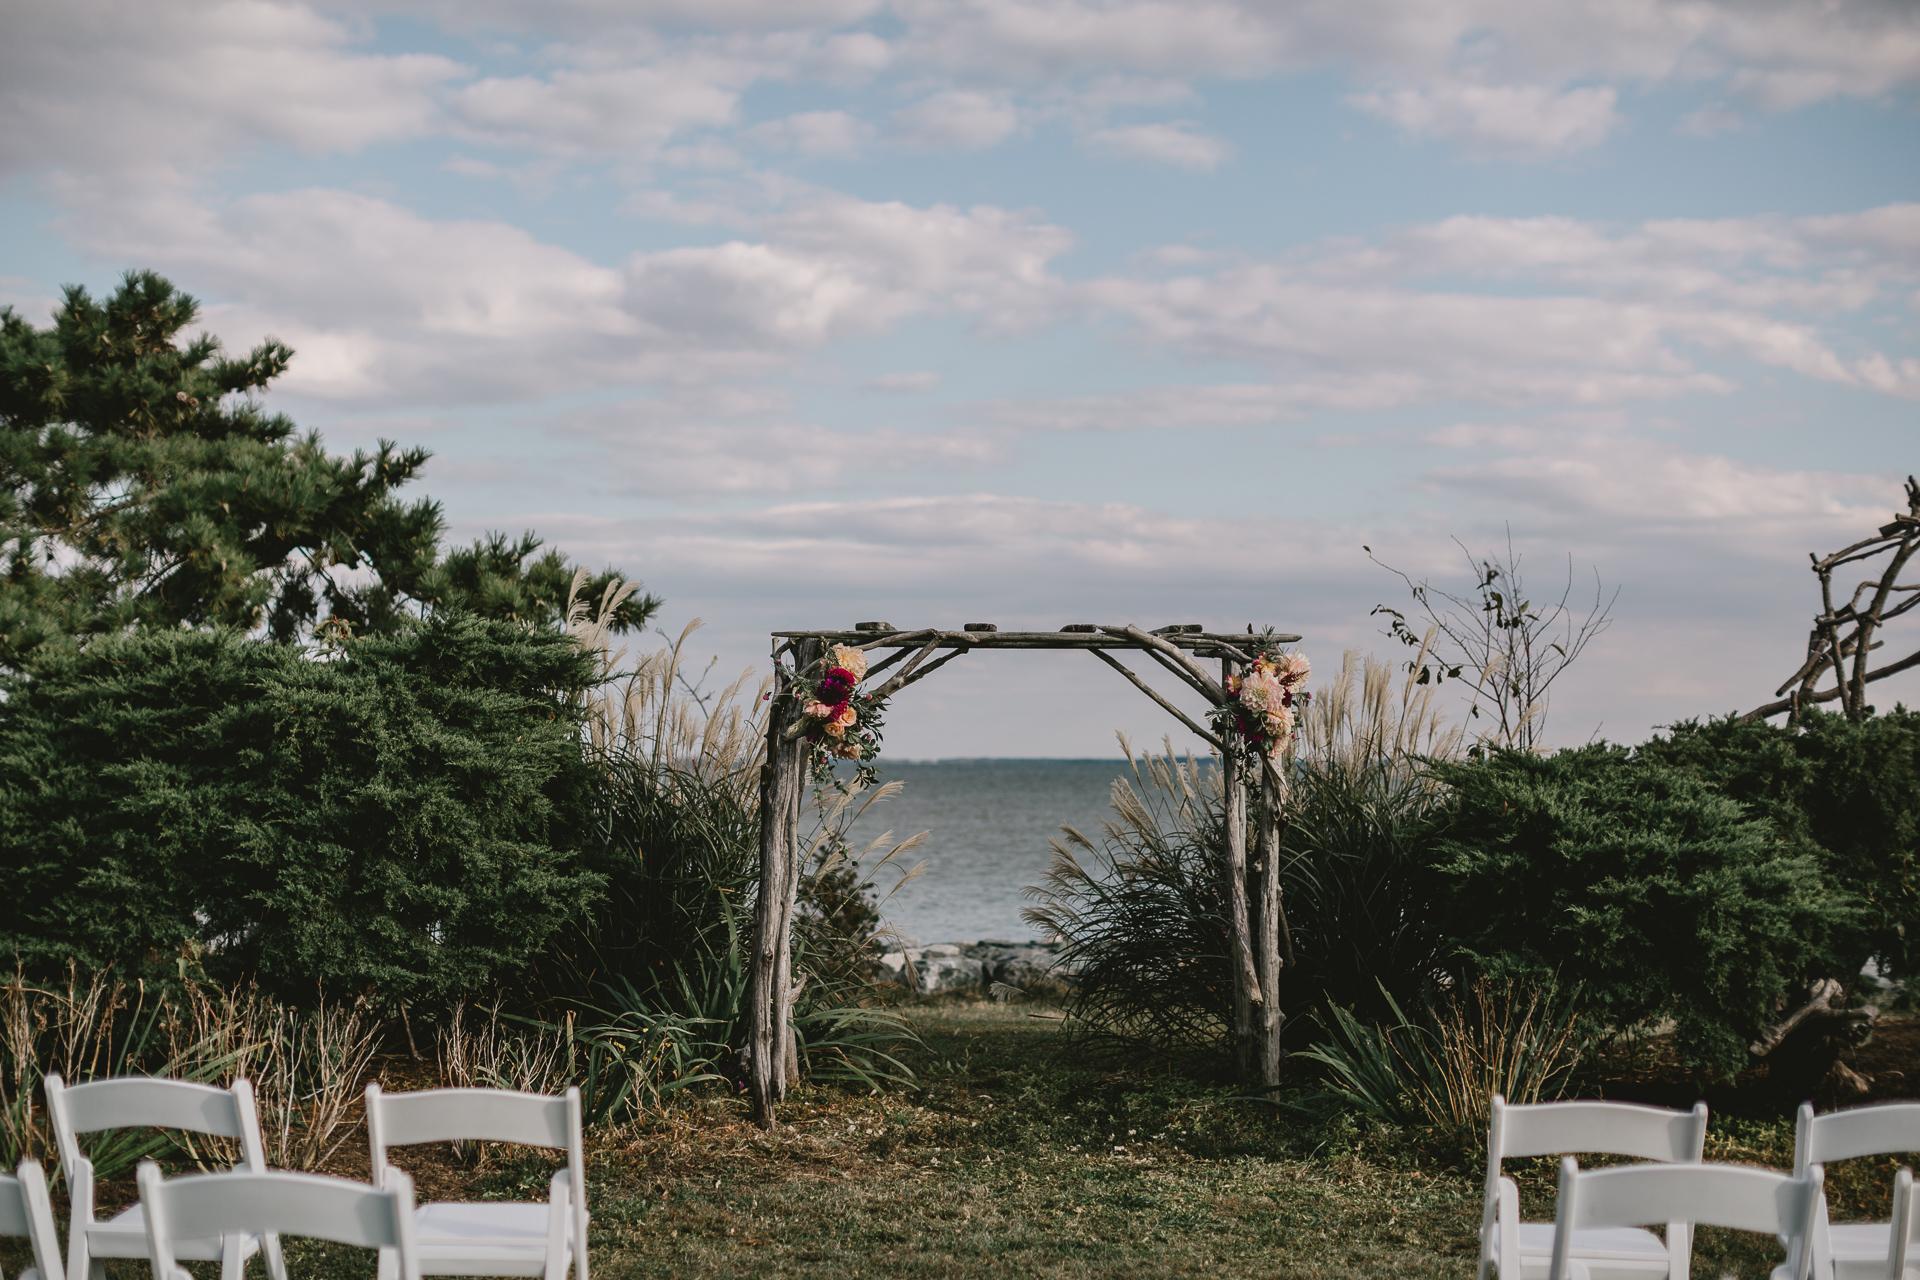 jess-hunter-tilghman-island-wedding-photographer-7544.jpg